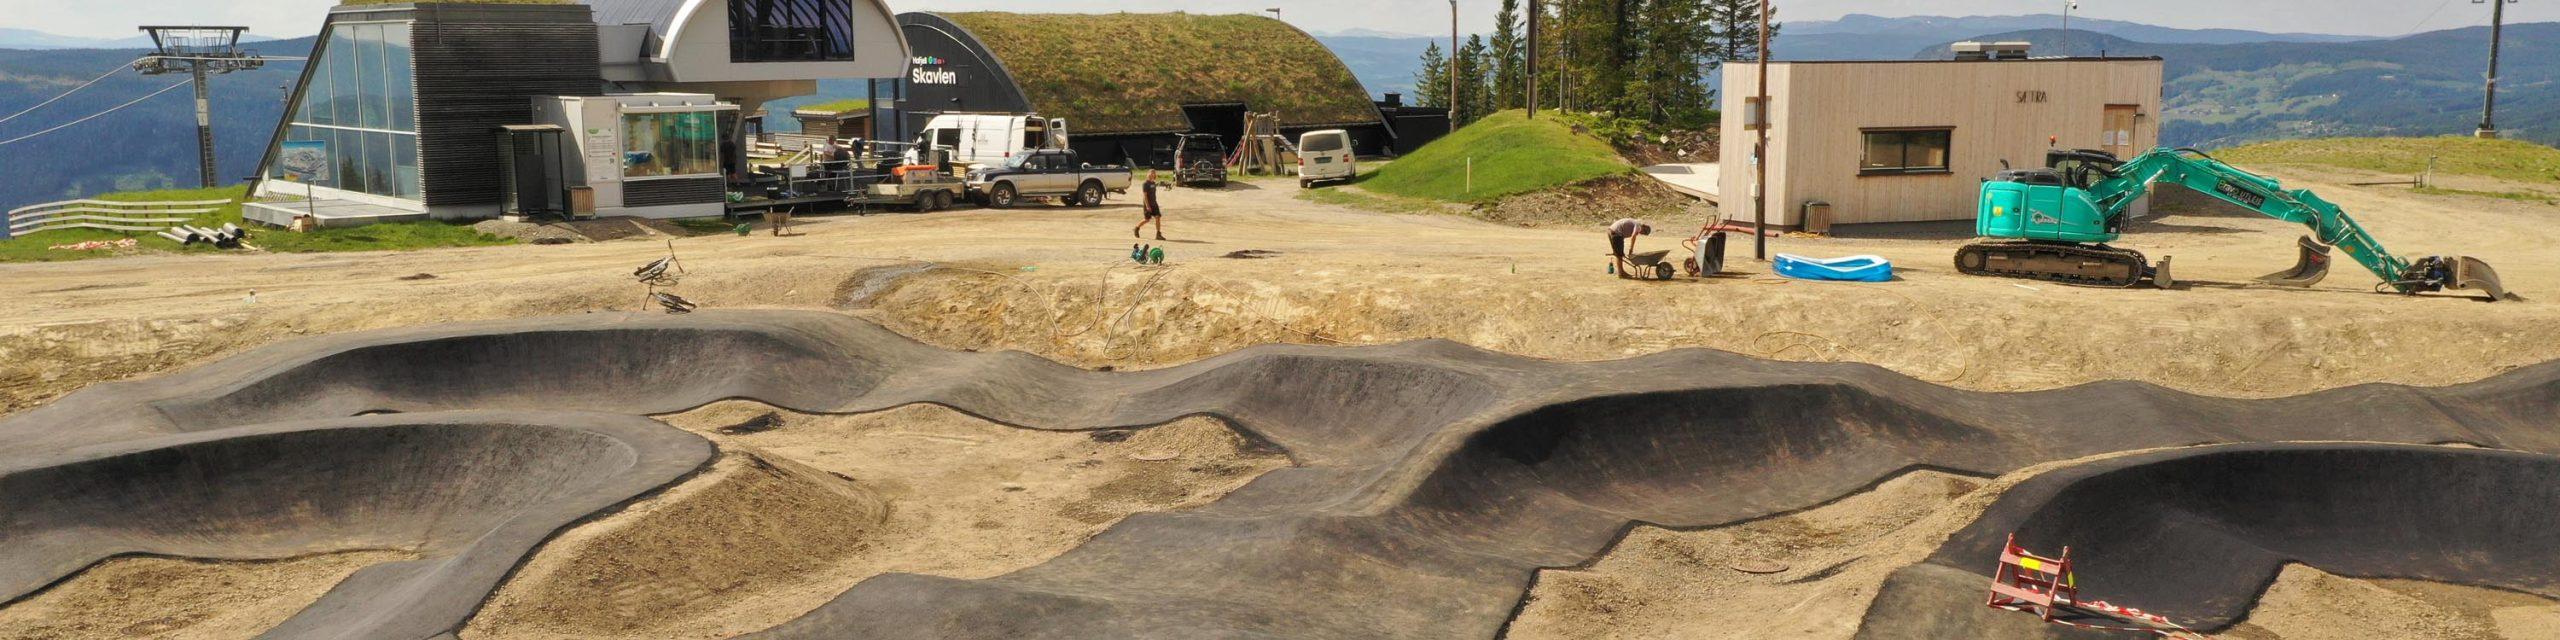 Pumptrack Hafjell Bikepark